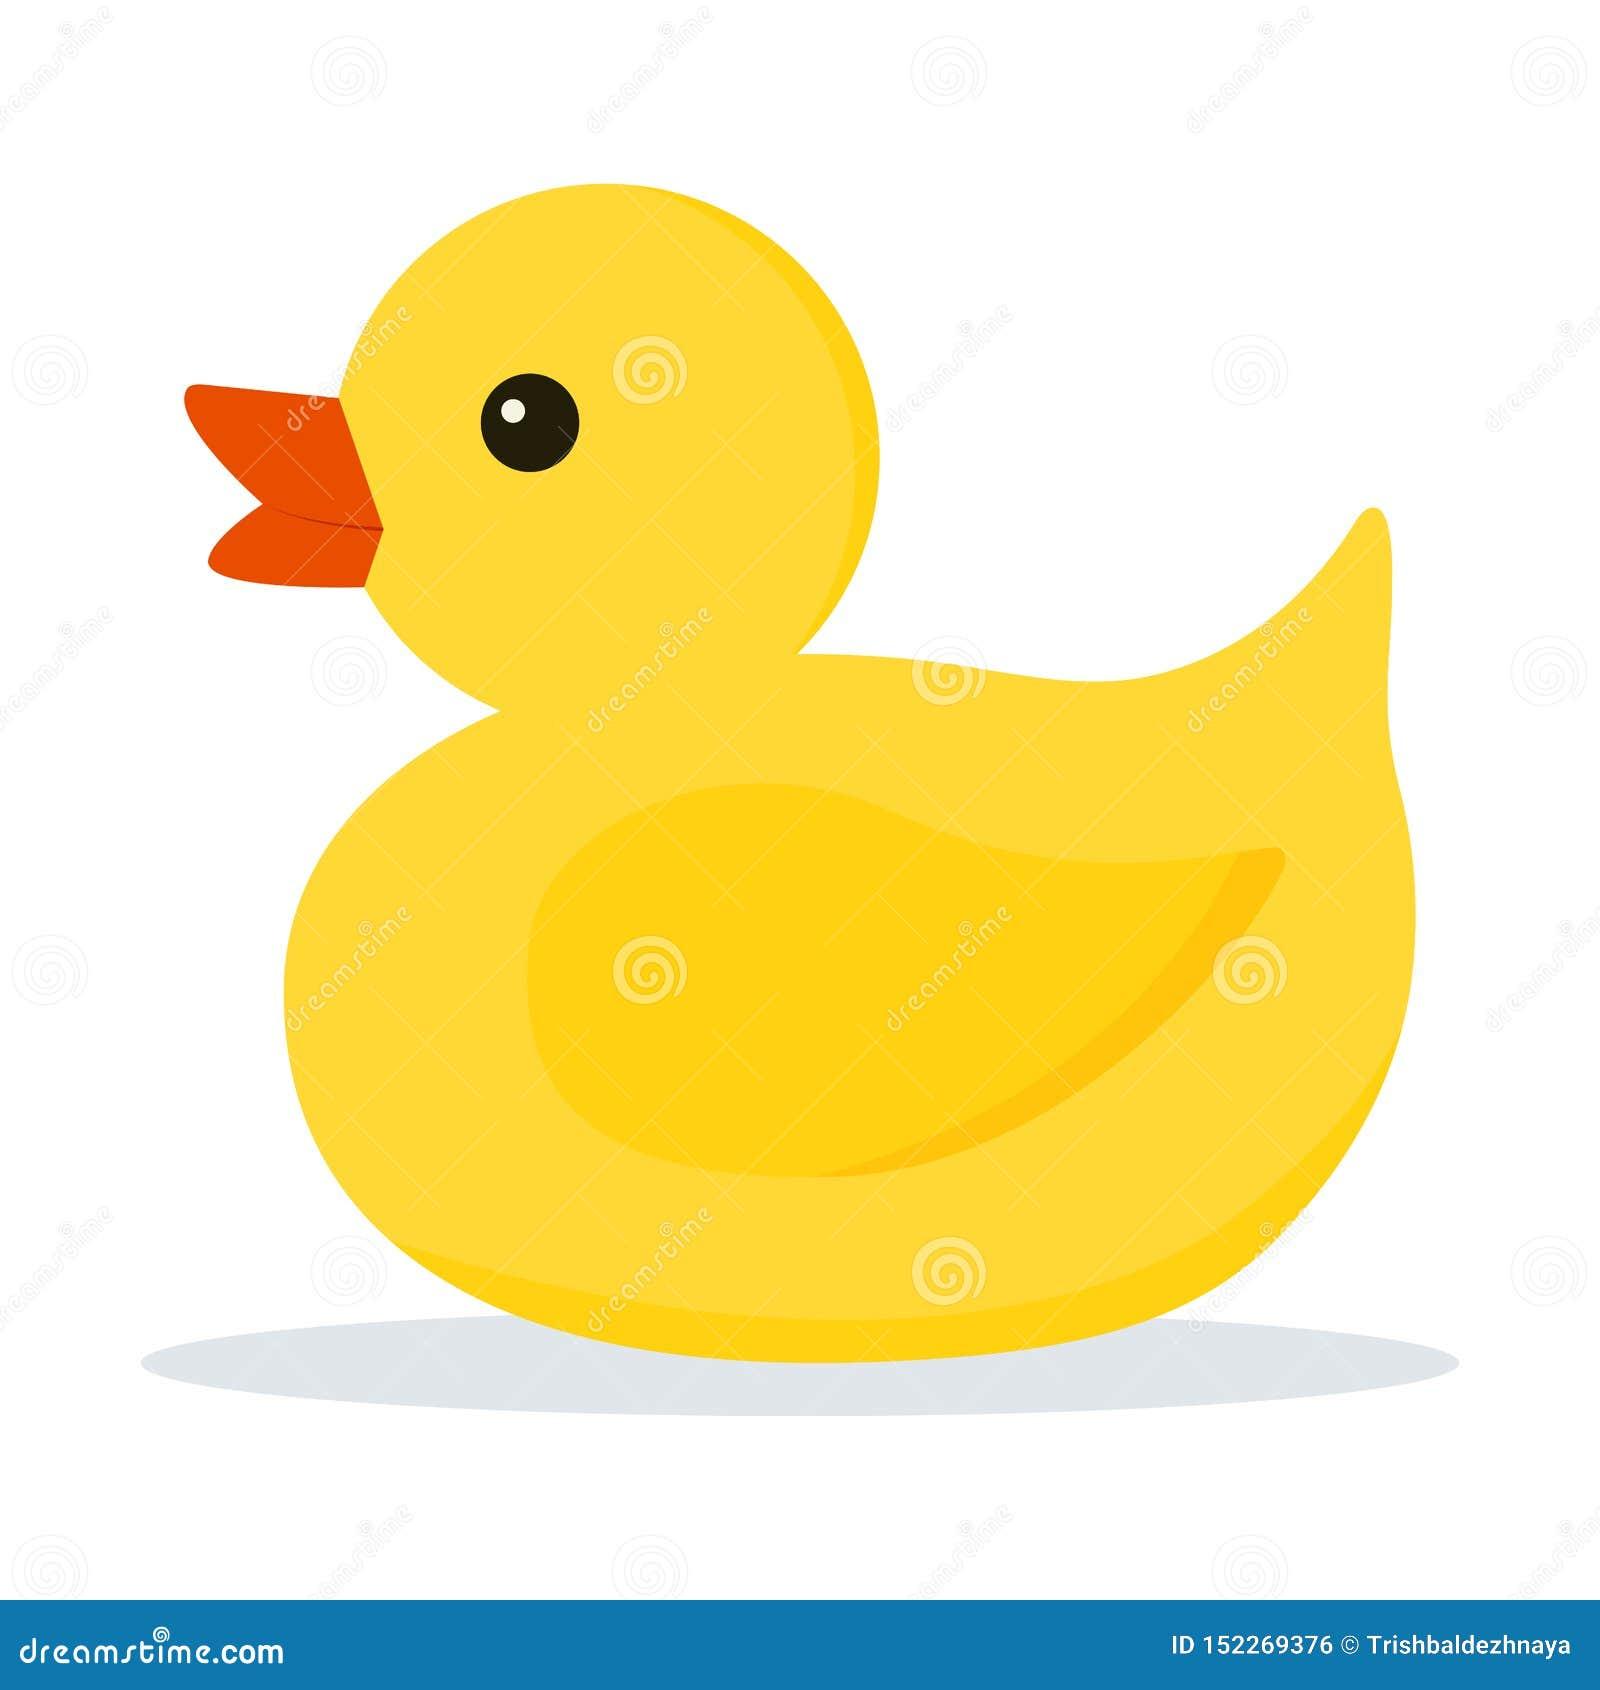 Ícone da borracha amarela pequena bonito ou do brinquedo plástico do pato para o banho isolado no fundo branco